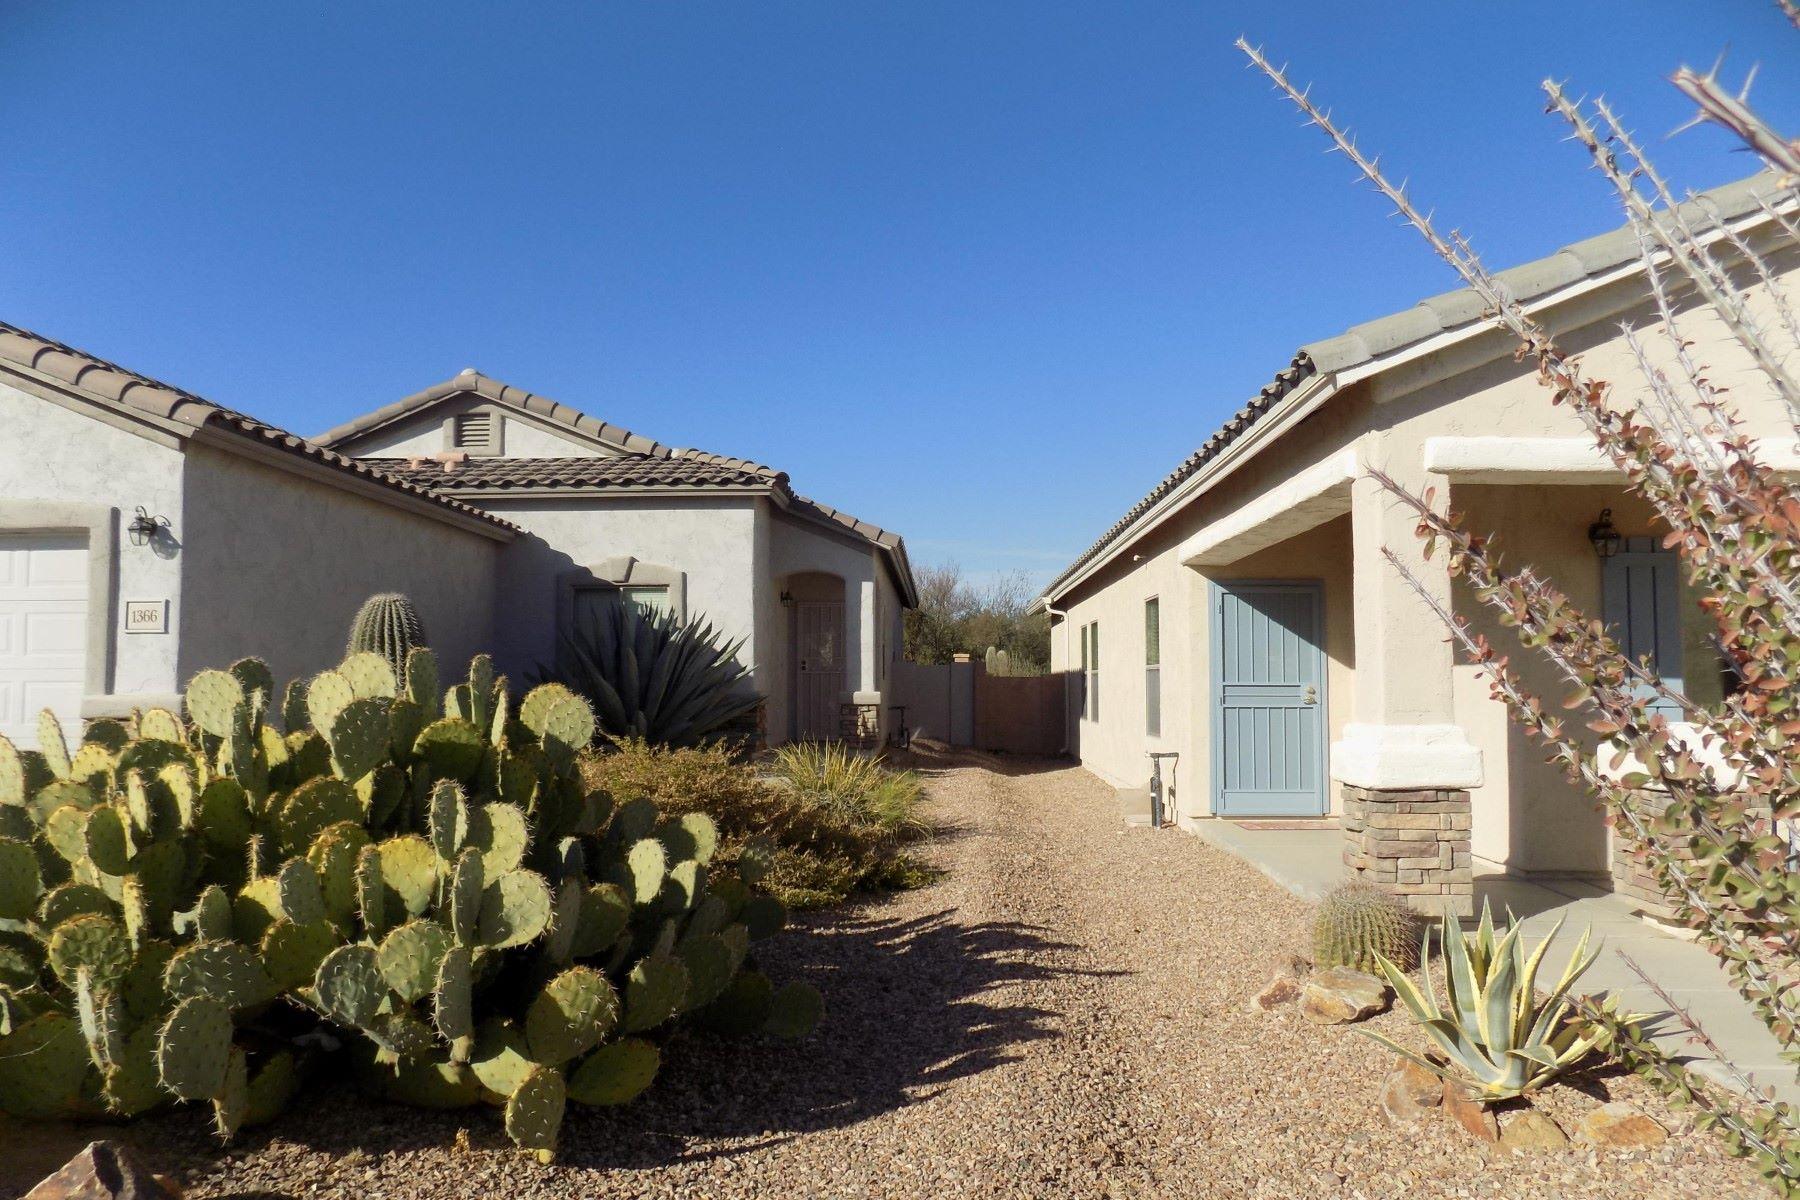 Частный односемейный дом для того Продажа на Well Designed Low Maintenance Home 1366 W Calle Las Guijas, Sahuarita, Аризона, 85629 Соединенные Штаты